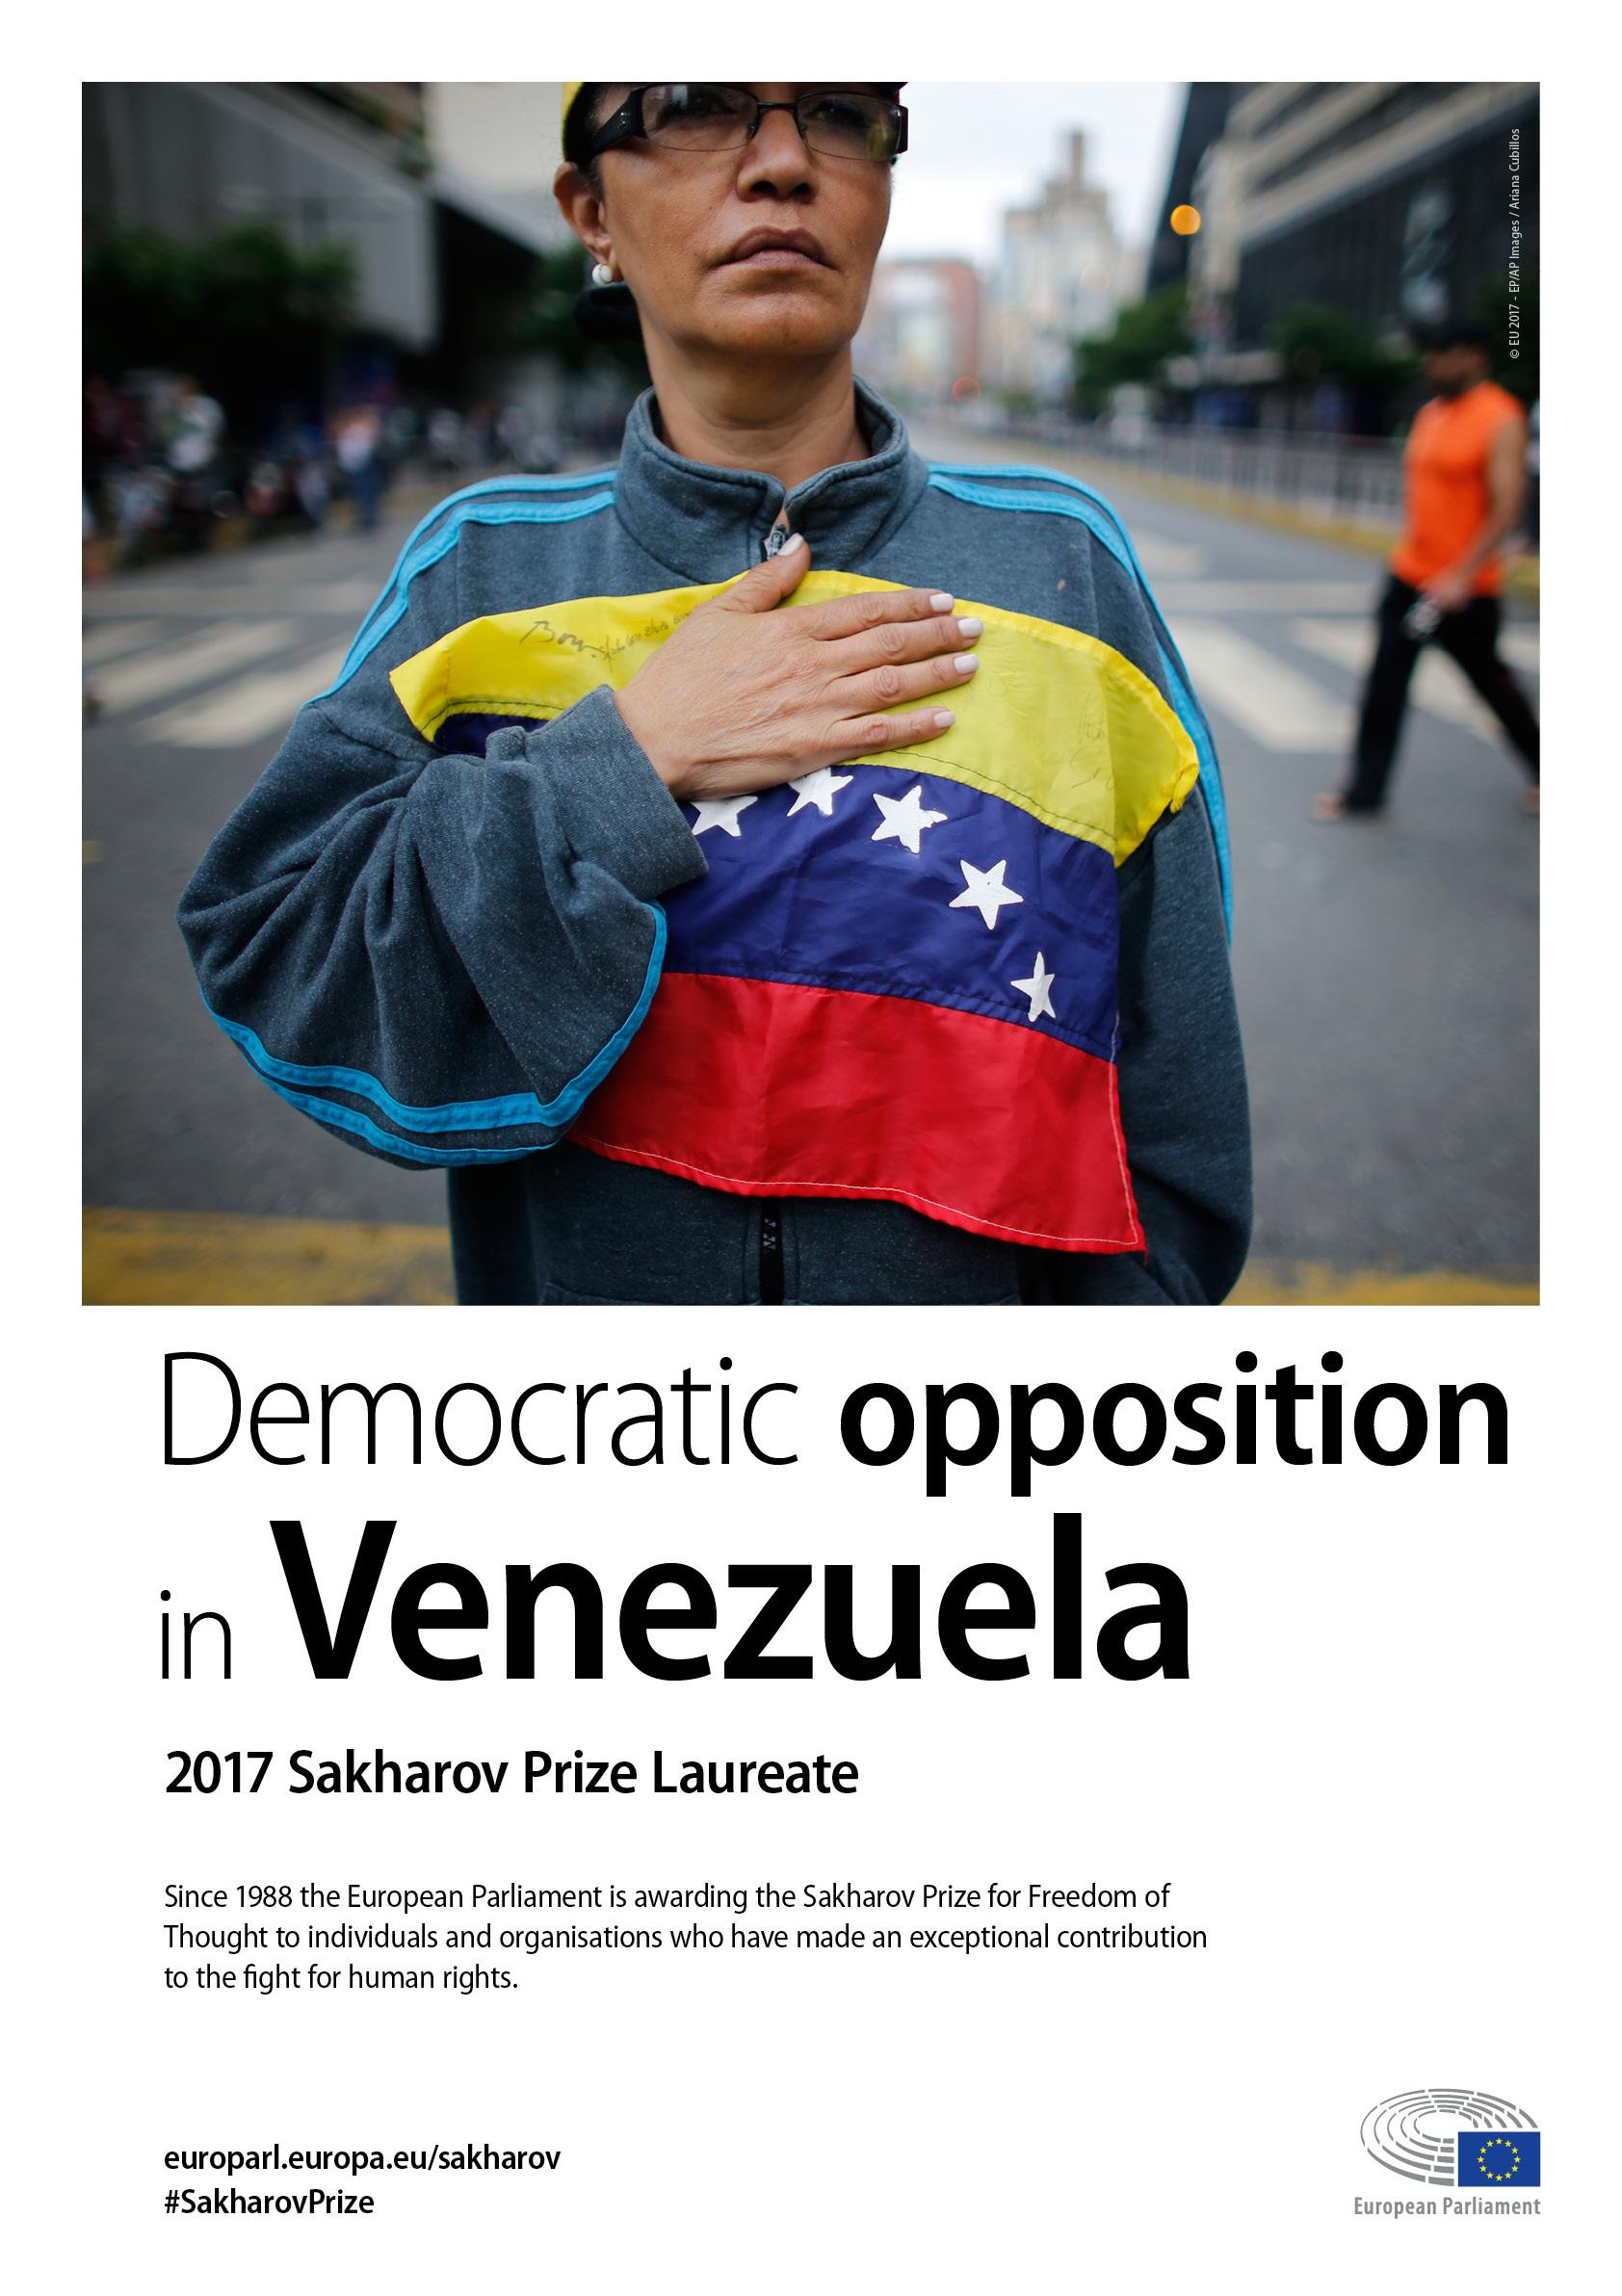 Sakharov Prize 2017 poster